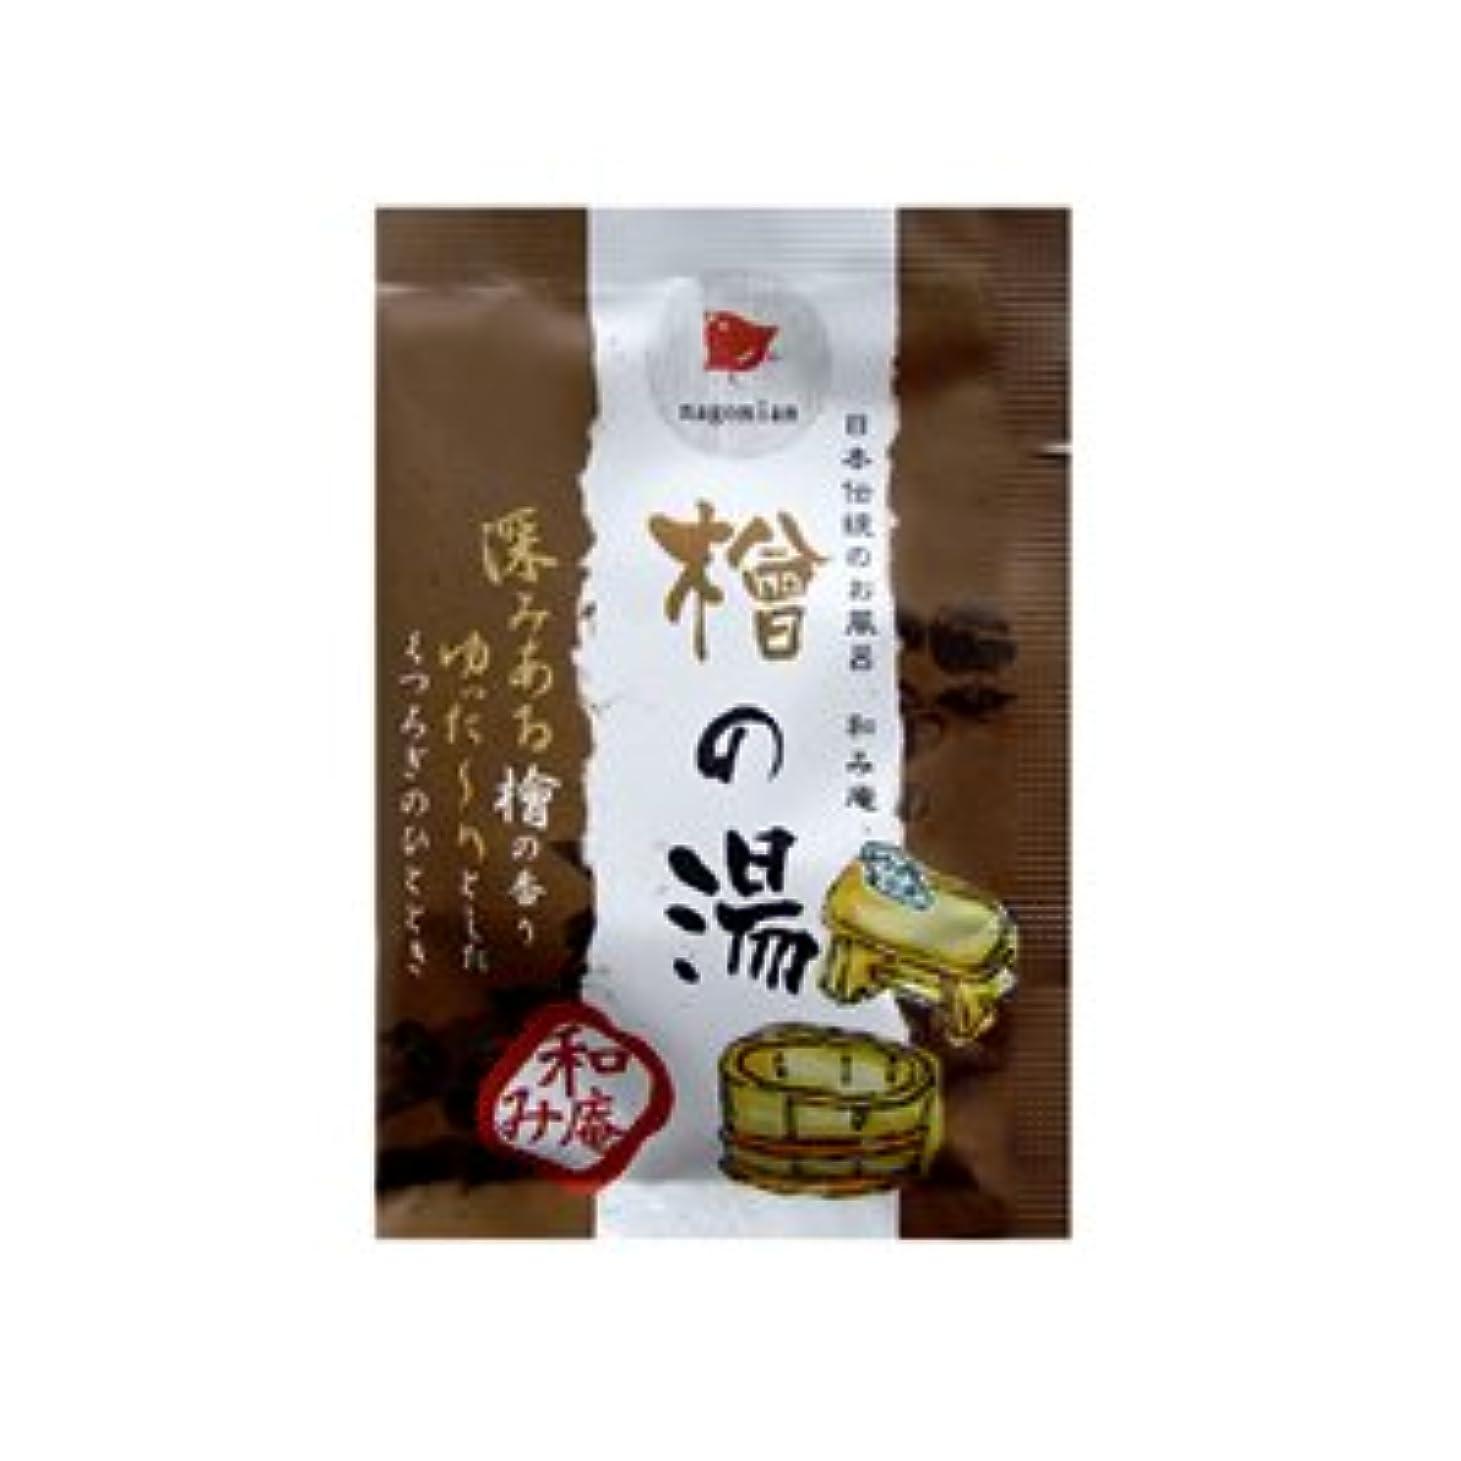 ドラム制裁劇場日本伝統のお風呂 和み庵 檜の湯 25g 10個セット